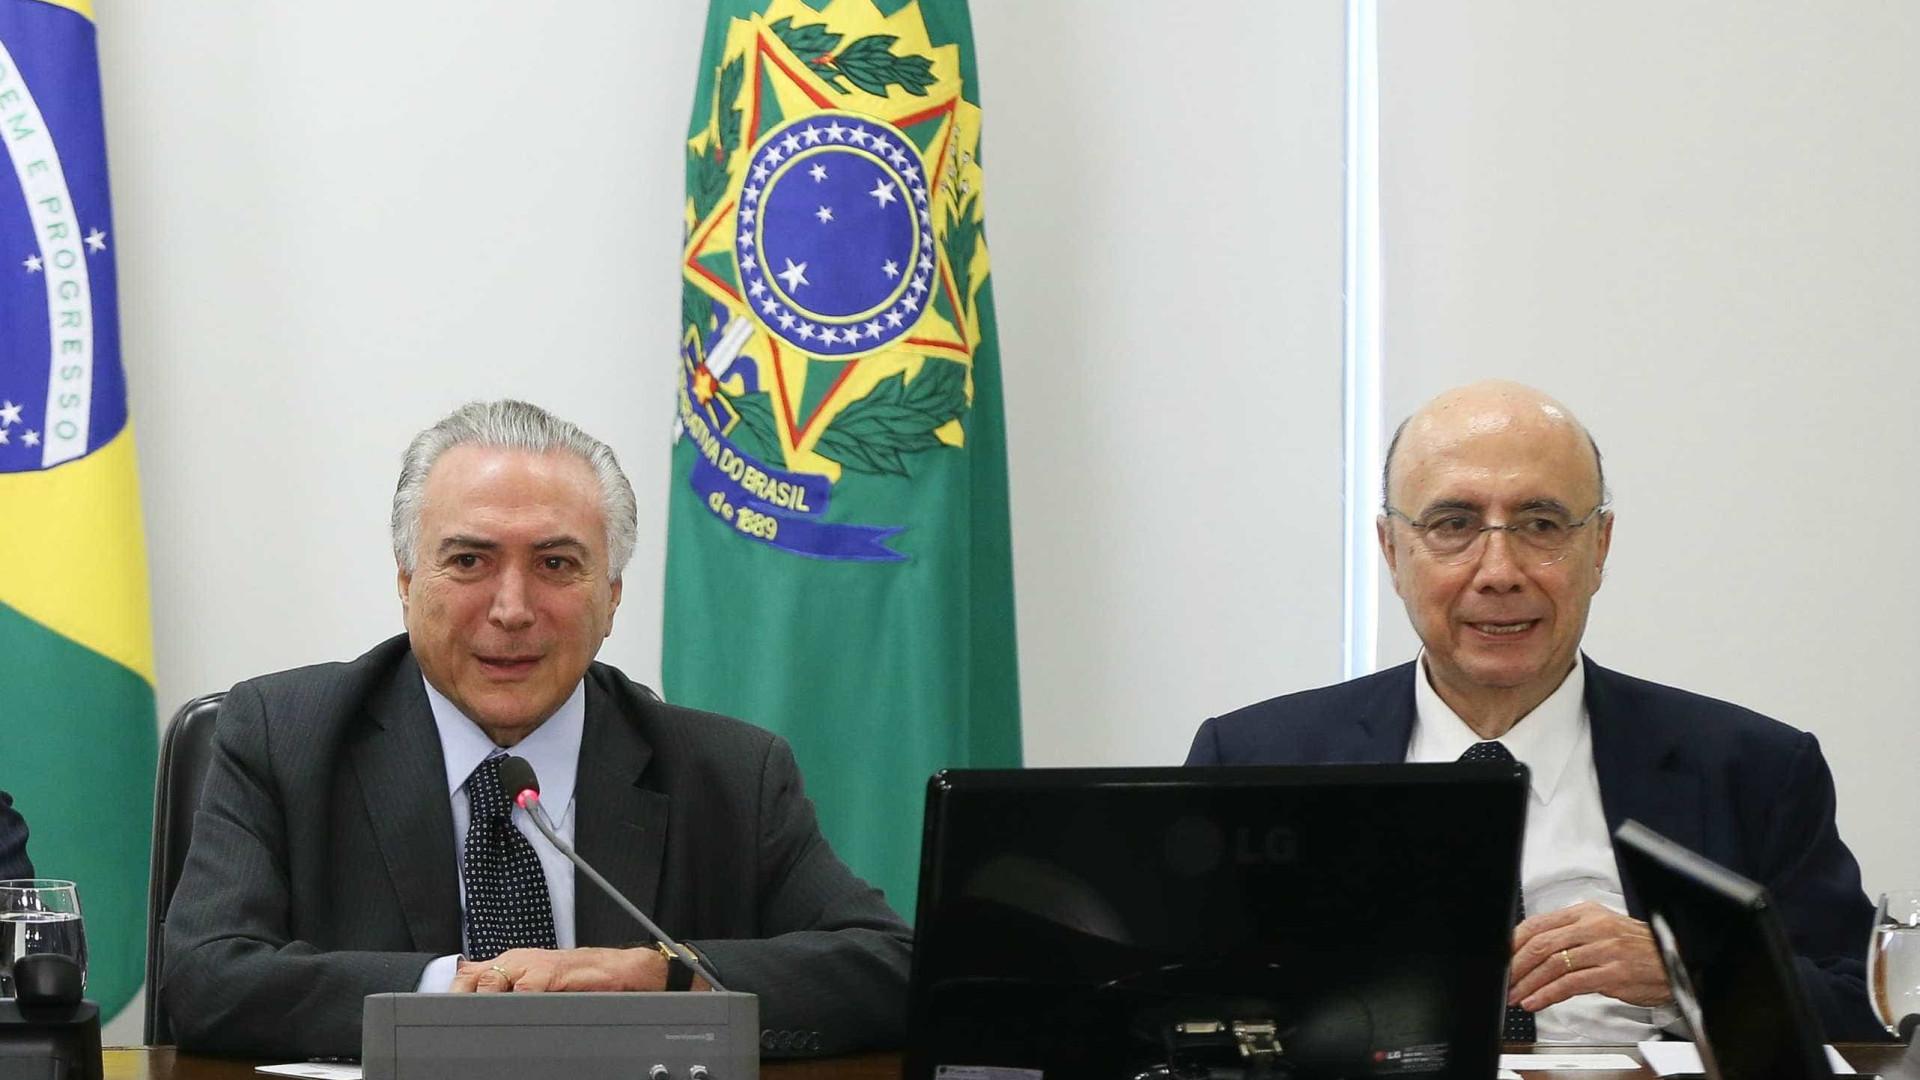 Possível candidatura de Temer à reeleição atrapalha planos de Meirelles